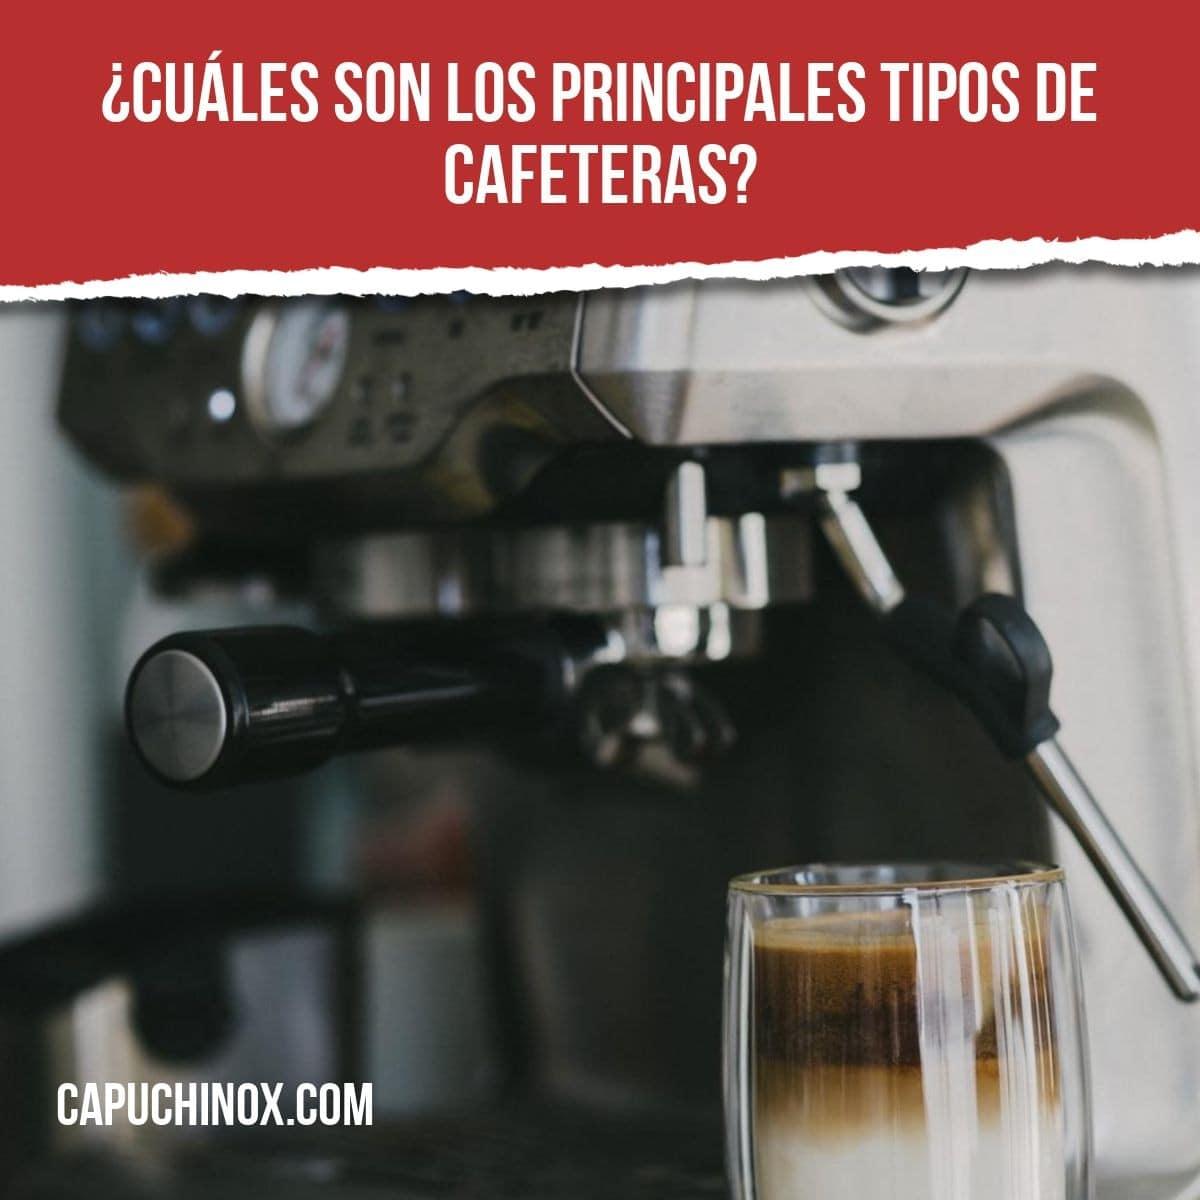 ¿Cuáles son los principales tipos de cafeteras?